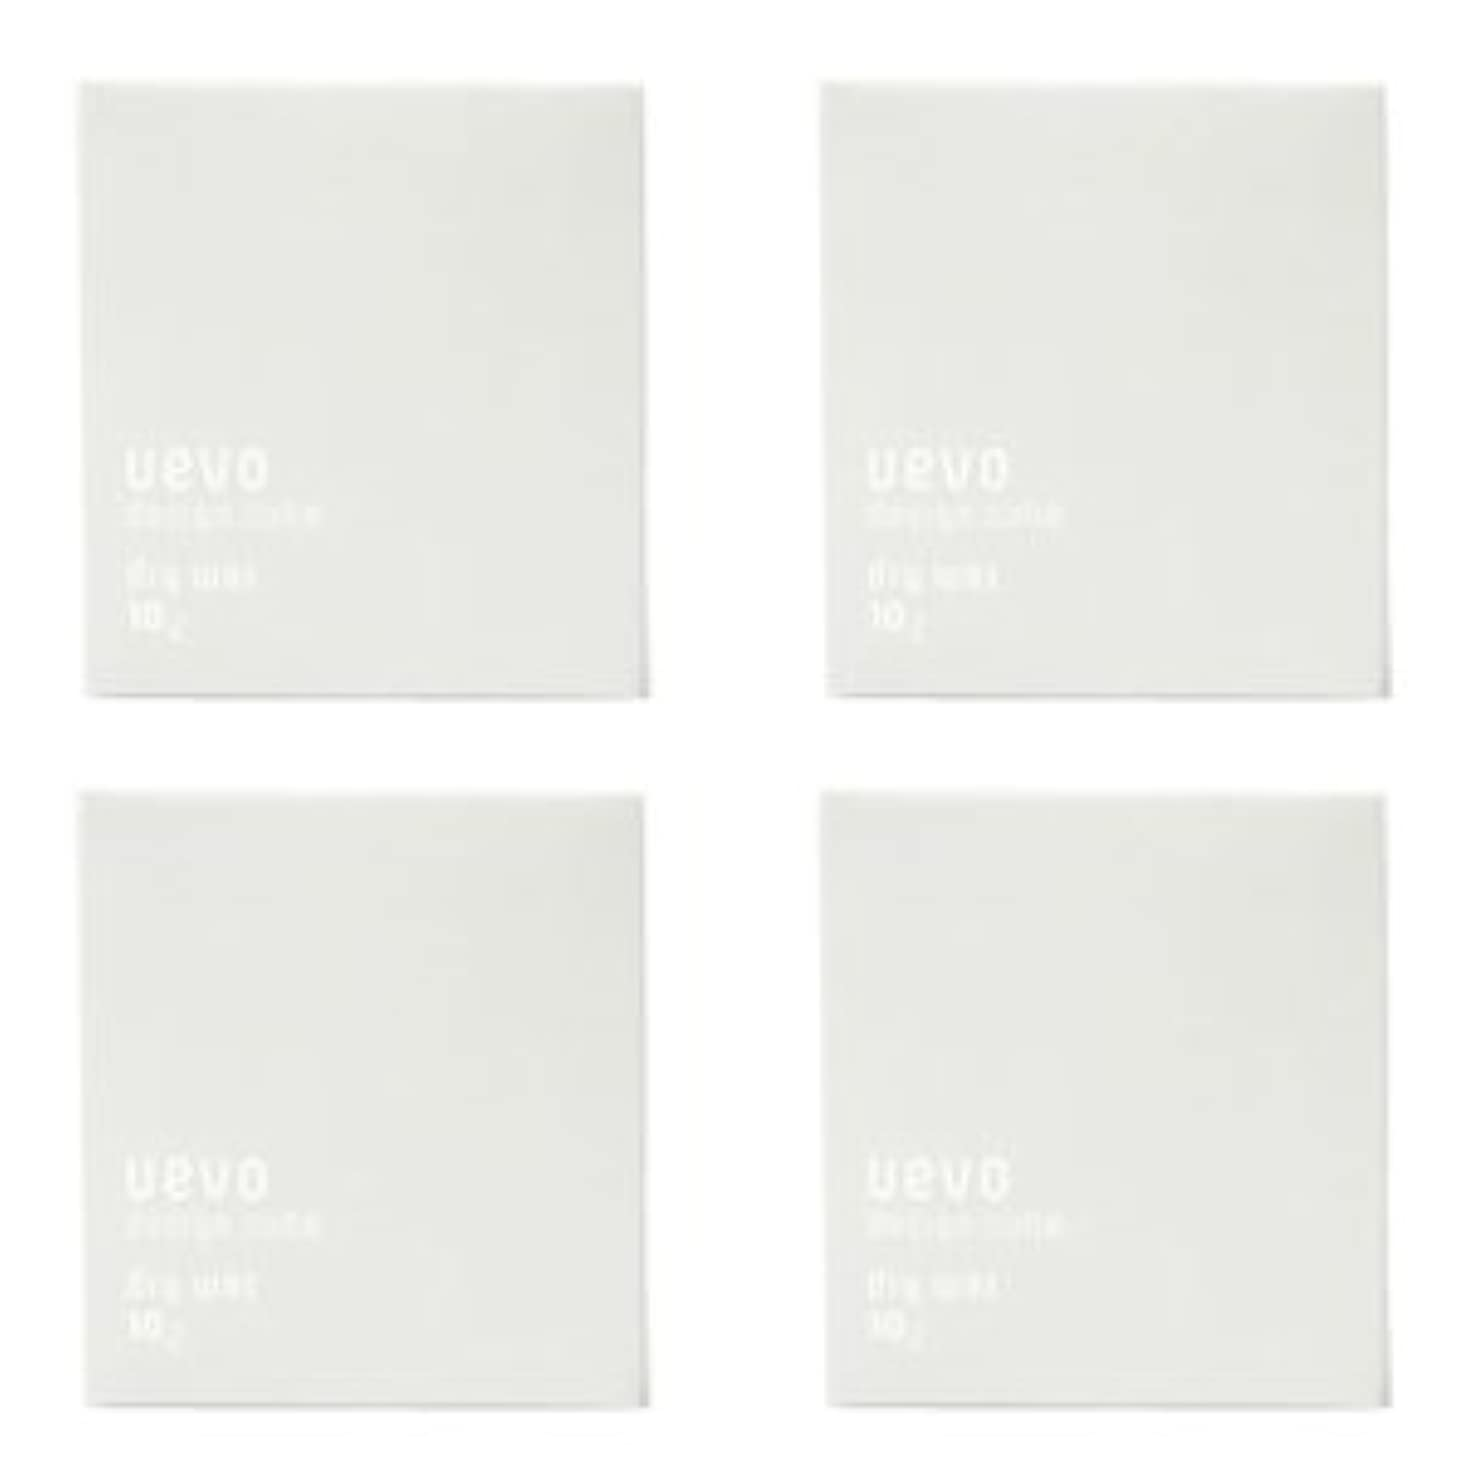 持ってる選ぶ分【X4個セット】 デミ ウェーボ デザインキューブ ドライワックス 80g dry wax